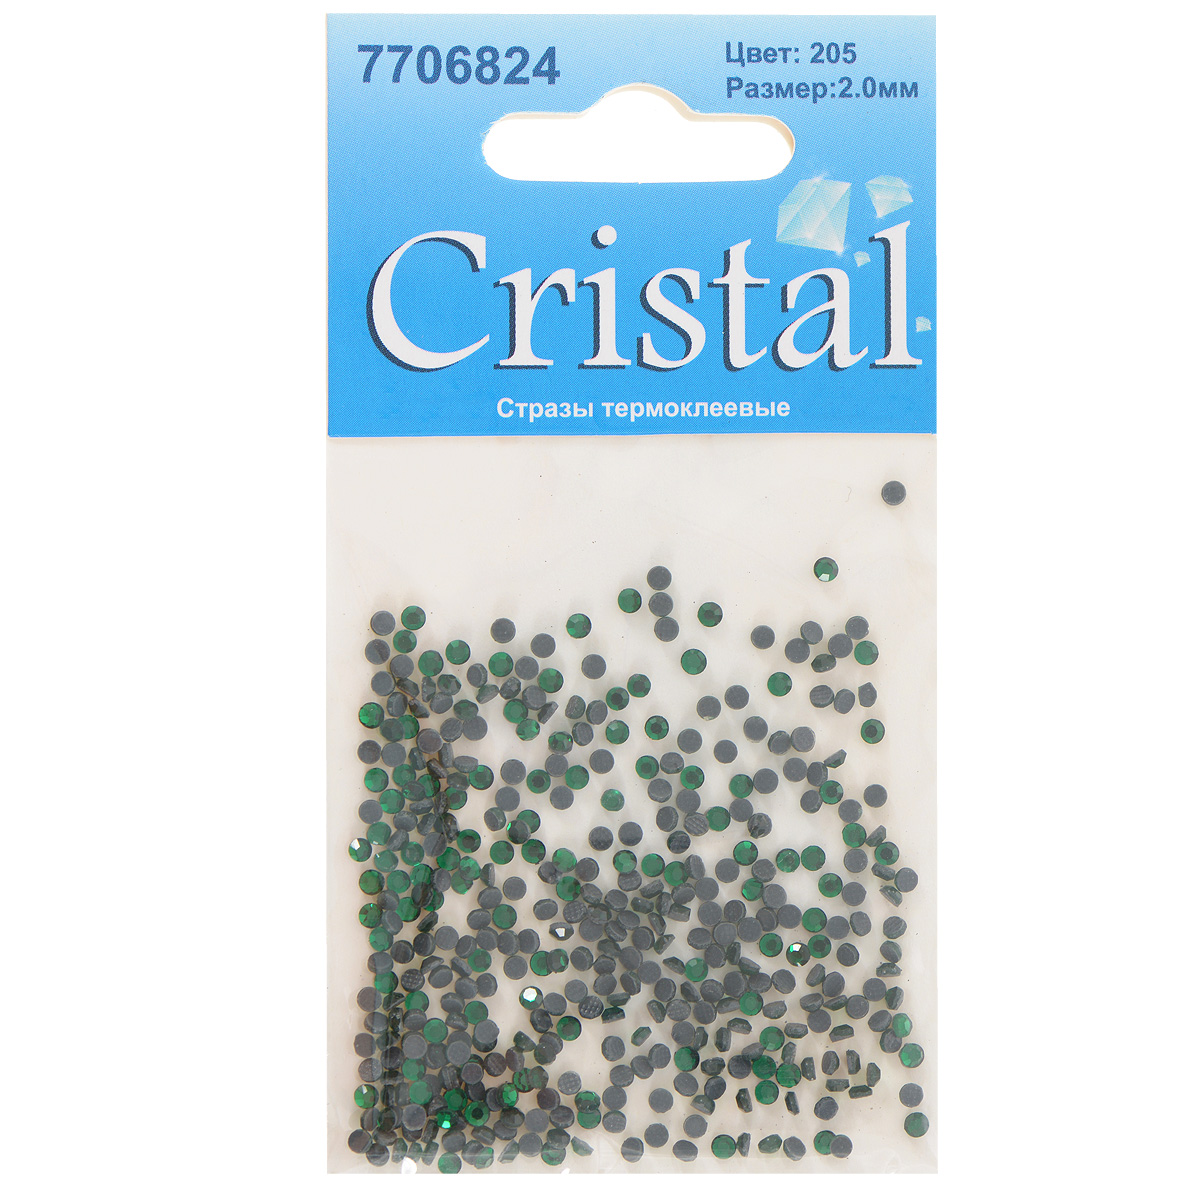 Стразы термоклеевые Cristal, цвет: зеленый (205), диаметр 2 мм, 432 шт7706824_205Набор термоклеевых страз Cristal, изготовленный из высококачественного акрила, позволит вам украсить одежду, аксессуары или текстиль. Яркие стразы имеют плоское дно и круглую поверхность с гранями.Дно термоклеевых страз уже обработано особым клеем, который под воздействием высоких температур начинает плавиться, приклеиваясь, таким образом, к требуемой поверхности. Чаще всего их используют в текстильной промышленности: стразы прикладывают к ткани и проглаживают утюгом с обратной стороны. Также можно использовать специальный паяльник. Украшение стразами поможет сделать любую вещь оригинальной и неповторимой. Диаметр страз: 2 мм.